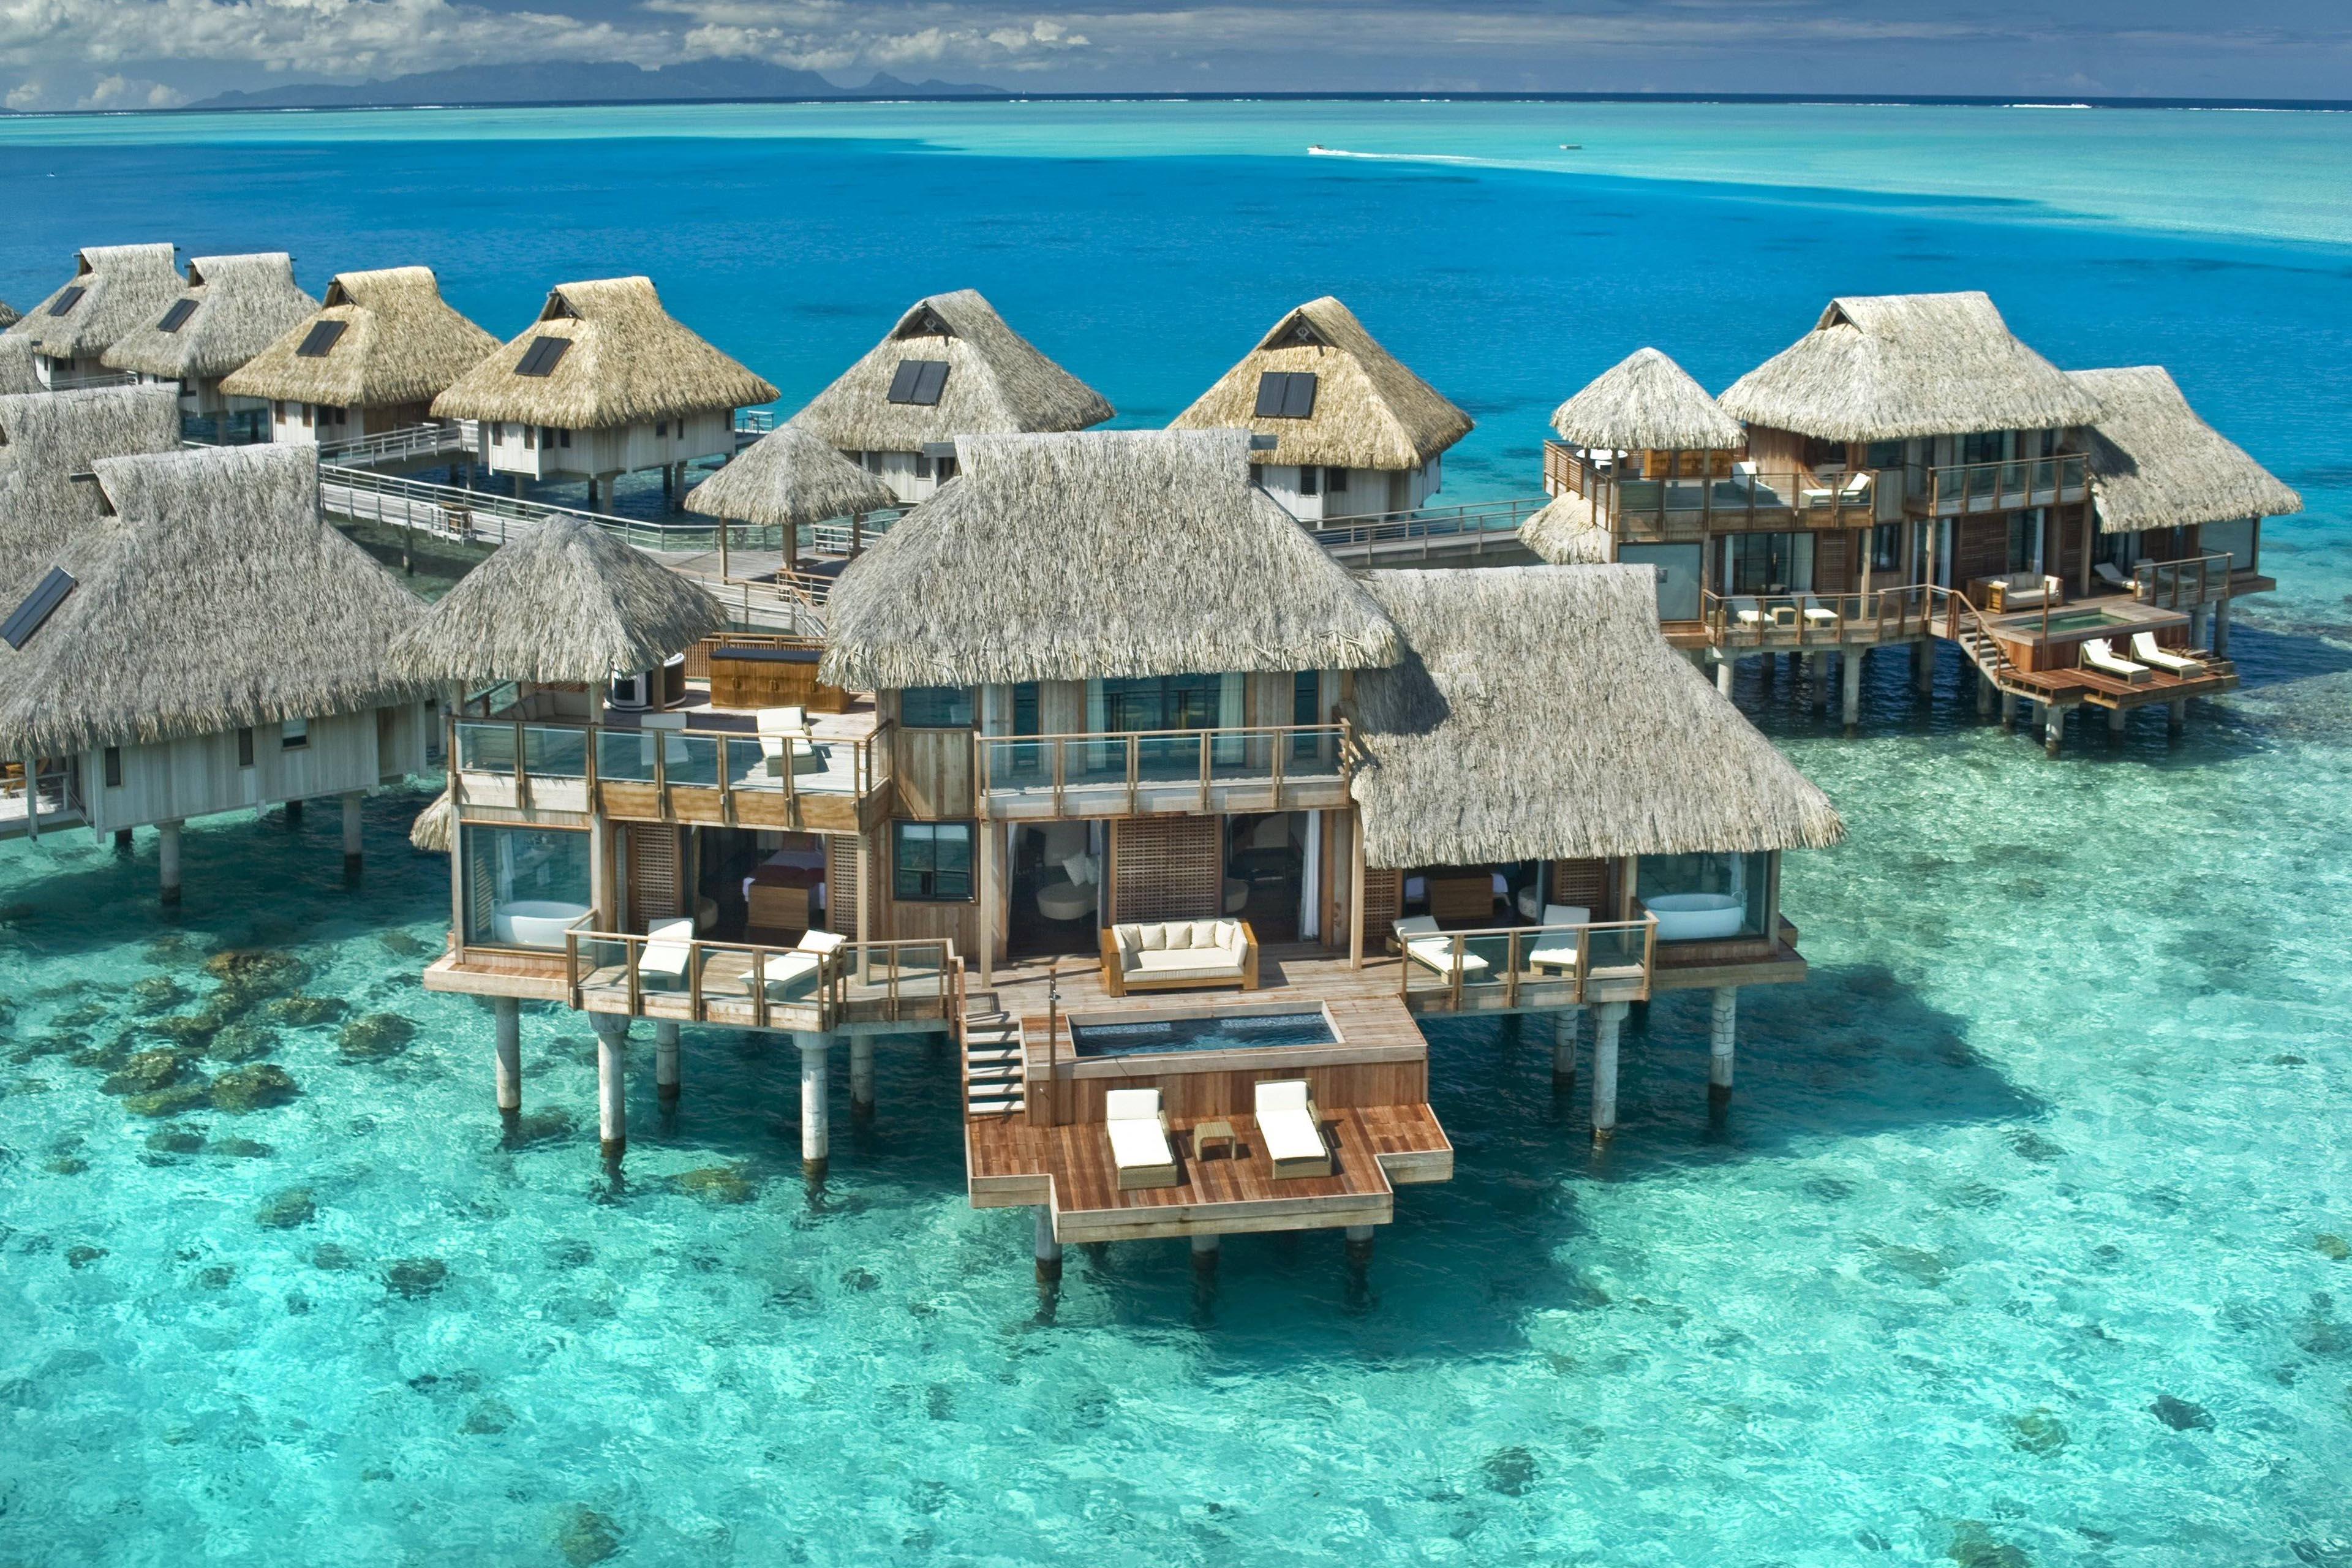 virgin islands the exotic